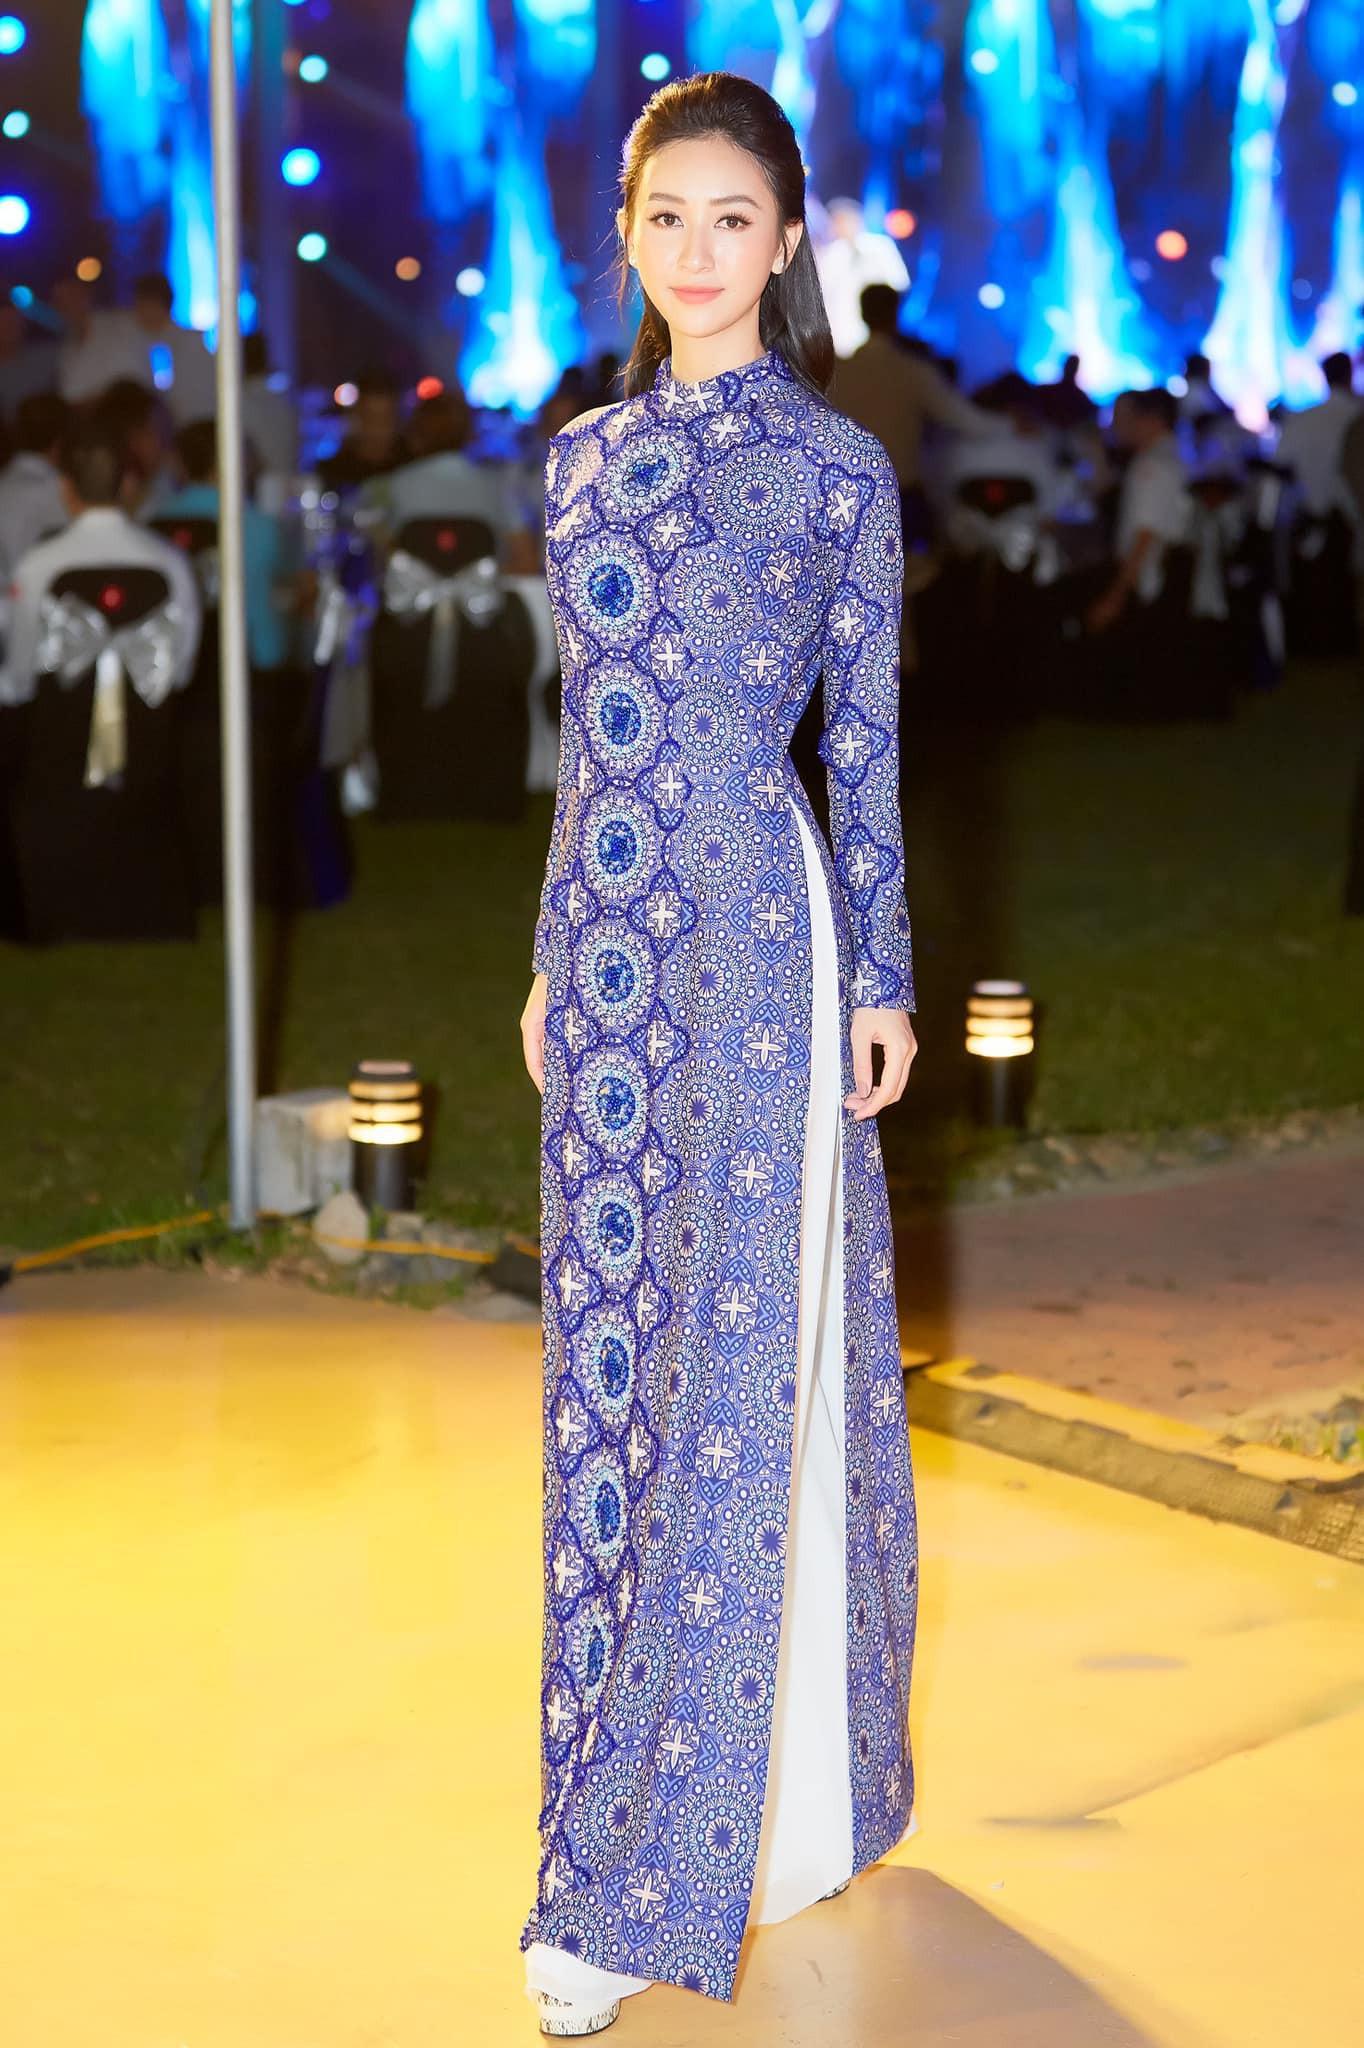 Mĩ nhân Việt nào là Nữ hoàng thảm đỏ tuần qua? (kì 48) - Ảnh 6.